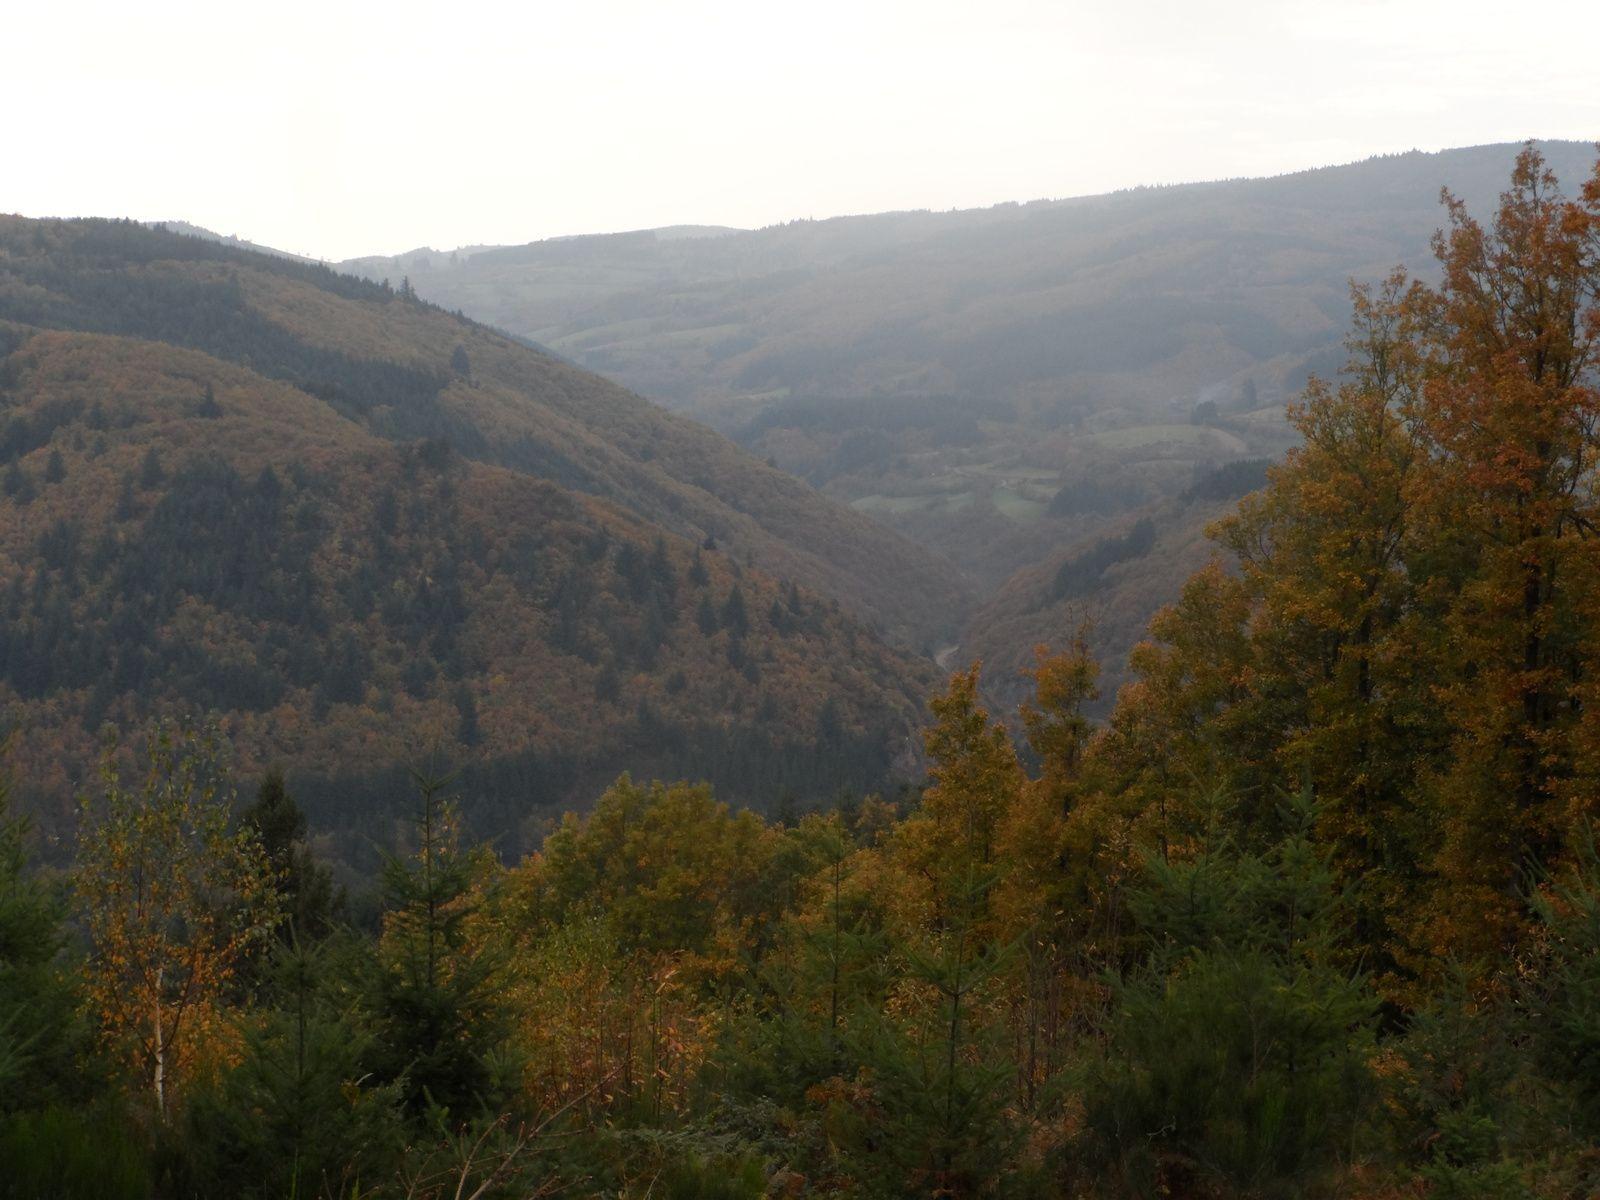 Enfin on entre dans les bois, nous avons parfois des points de vue sur les paysages Roannais. Le ciel est couvert, nous aurons même quelques gouttes !